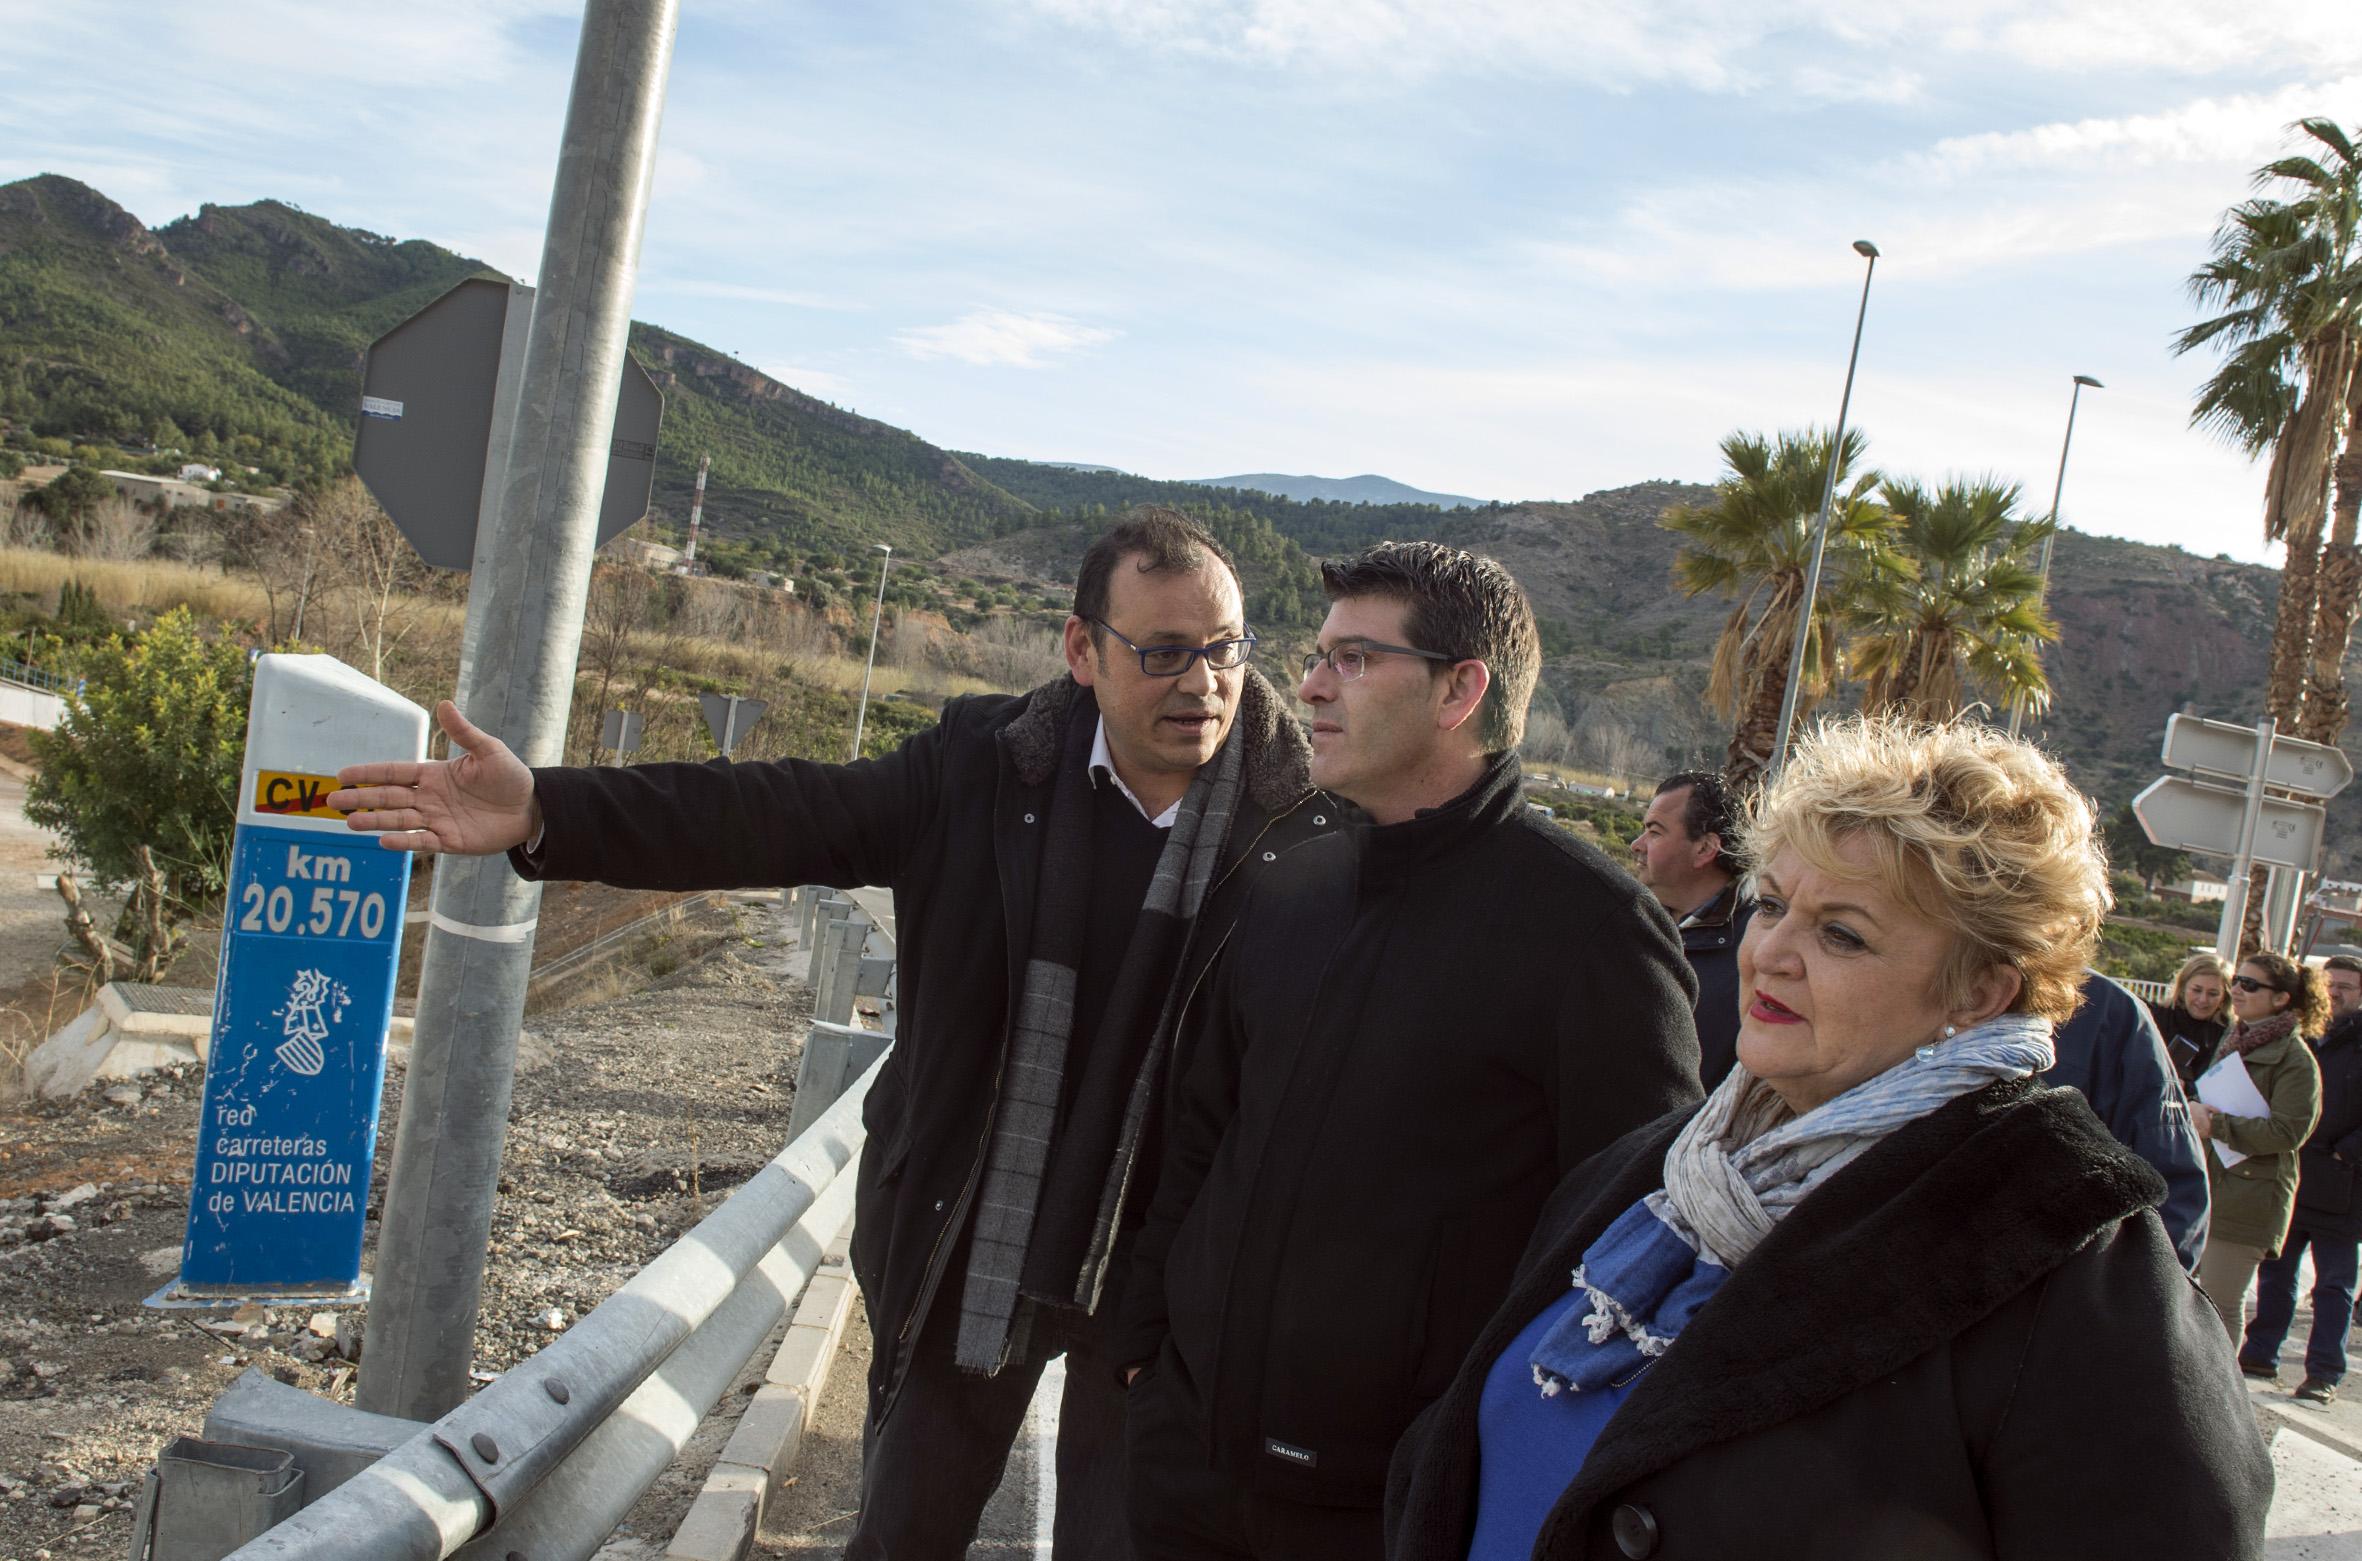 La actuación más destacada ha sido el refuerzo de la seguridad en la carretera entre Bugarra y Gestalgar, además de la regeneración de la zona del Acueducto de los Calicantos y las obras de accesibilidad.